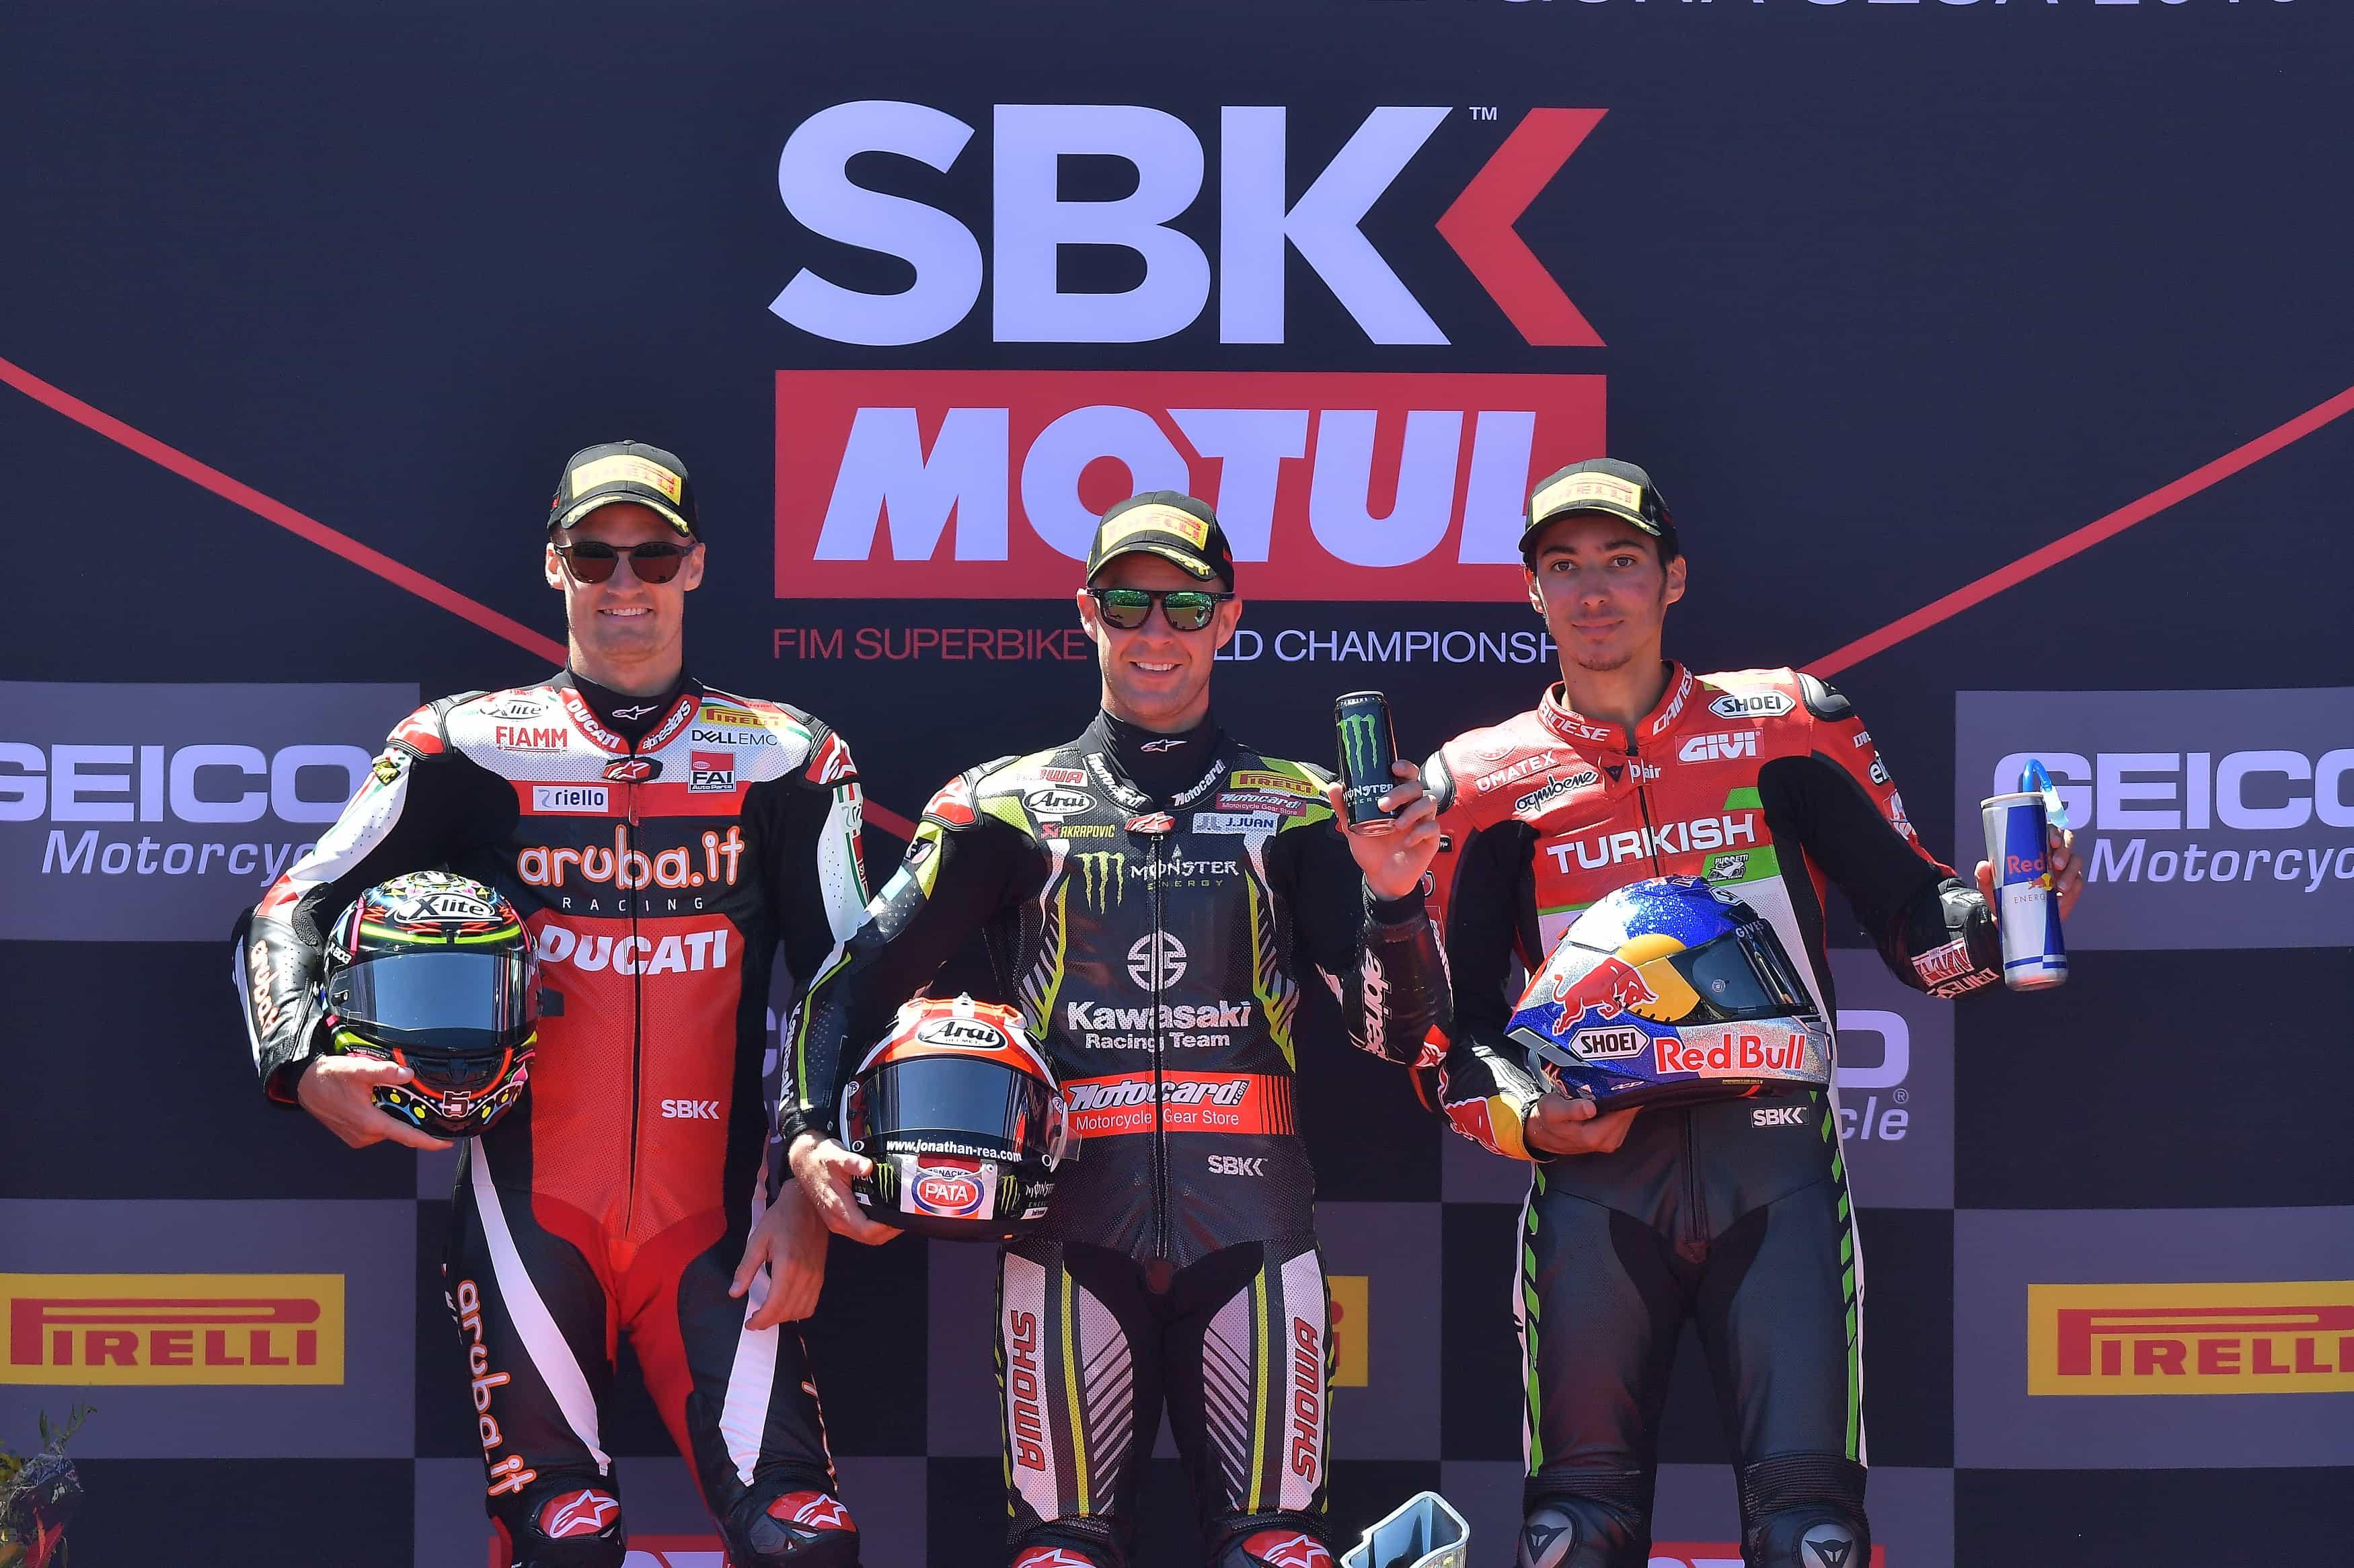 ピレリ(Pirelli)新型SCXタイヤがラグナ・セカで最高の性能を発揮/ レイはデイビスを抑えて優勝